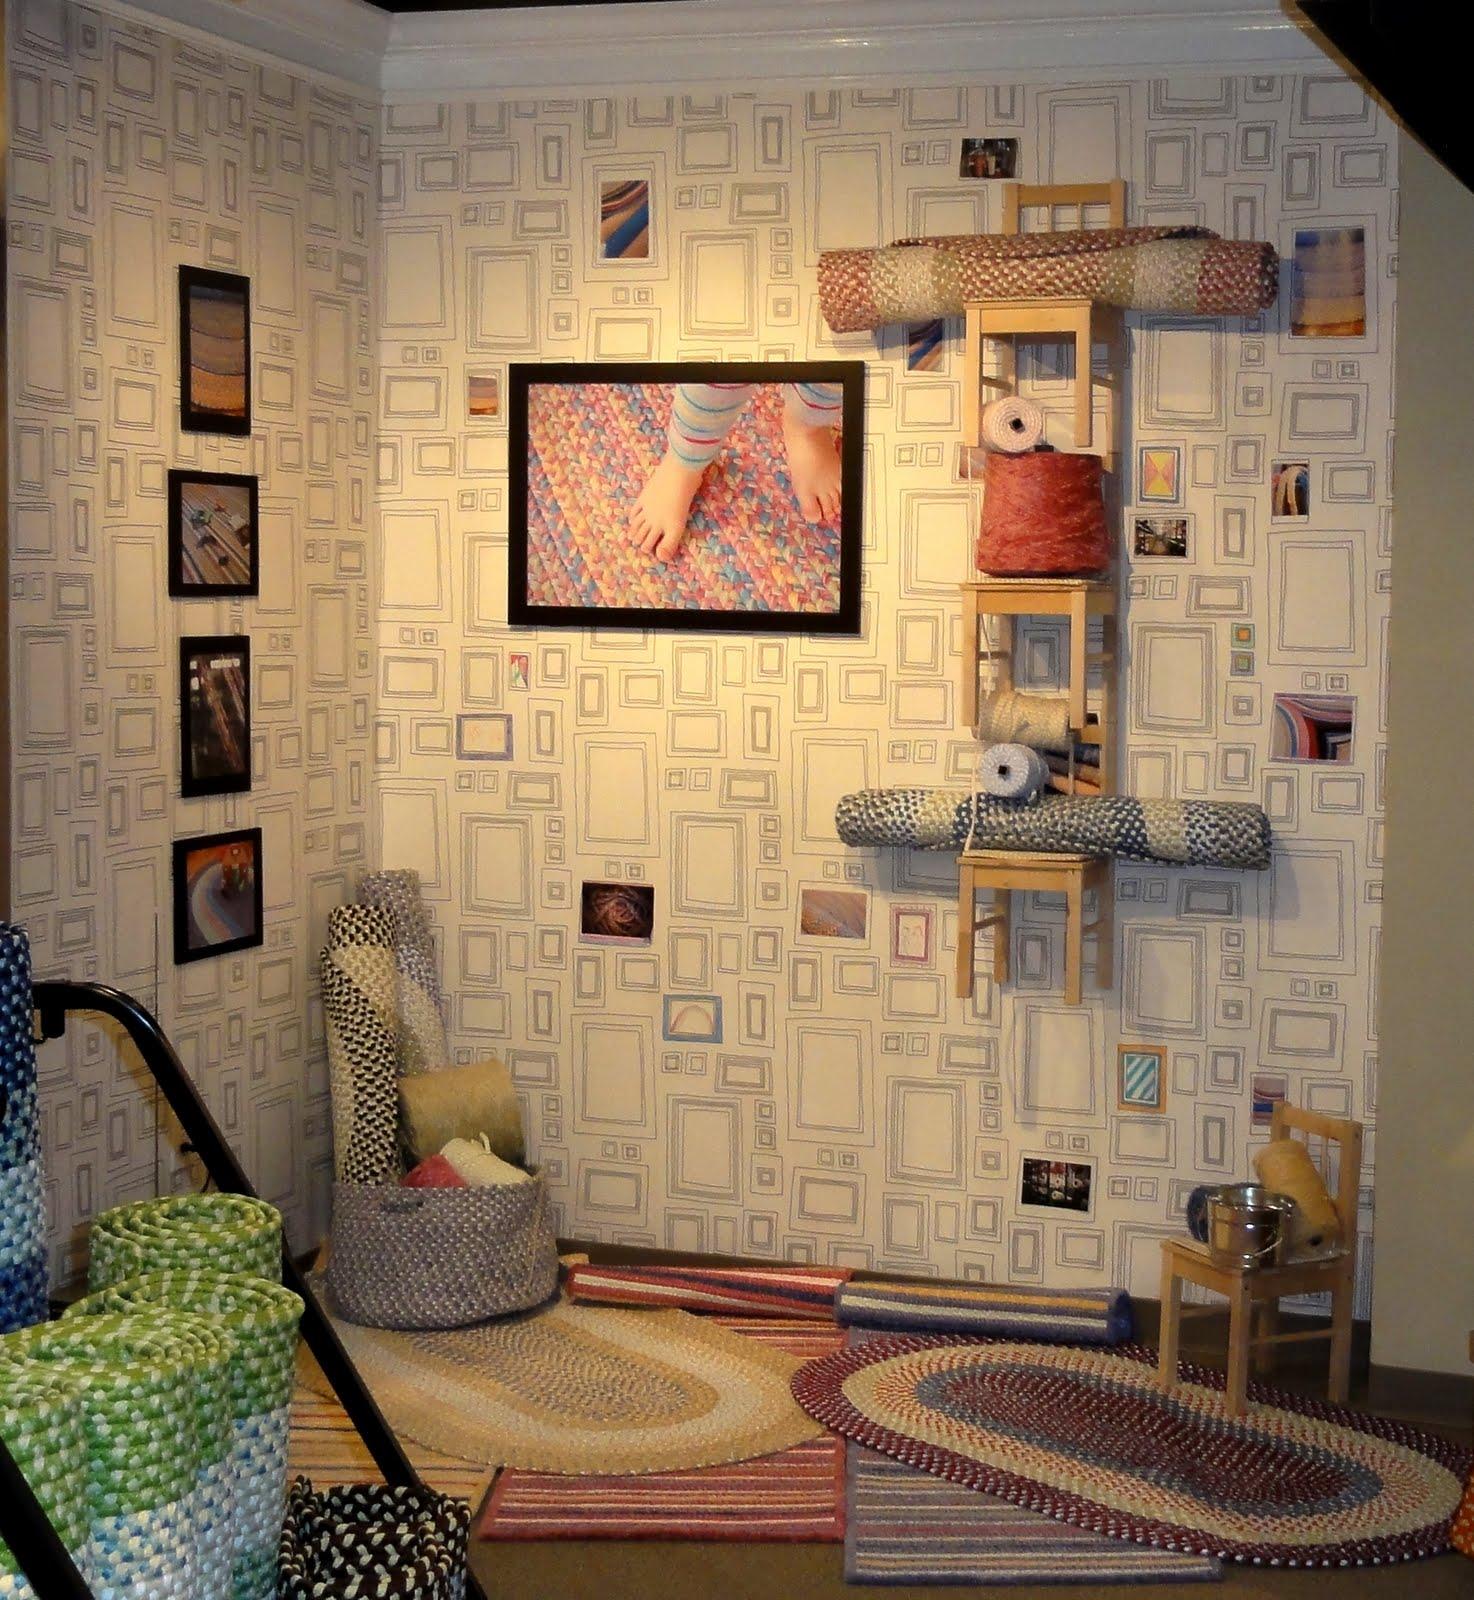 http://2.bp.blogspot.com/-3auZRojn6Zc/TcFryHARM8I/AAAAAAAAAtU/vXo3U40ZcYY/s1600/ATLShowroom2011+005.jpg